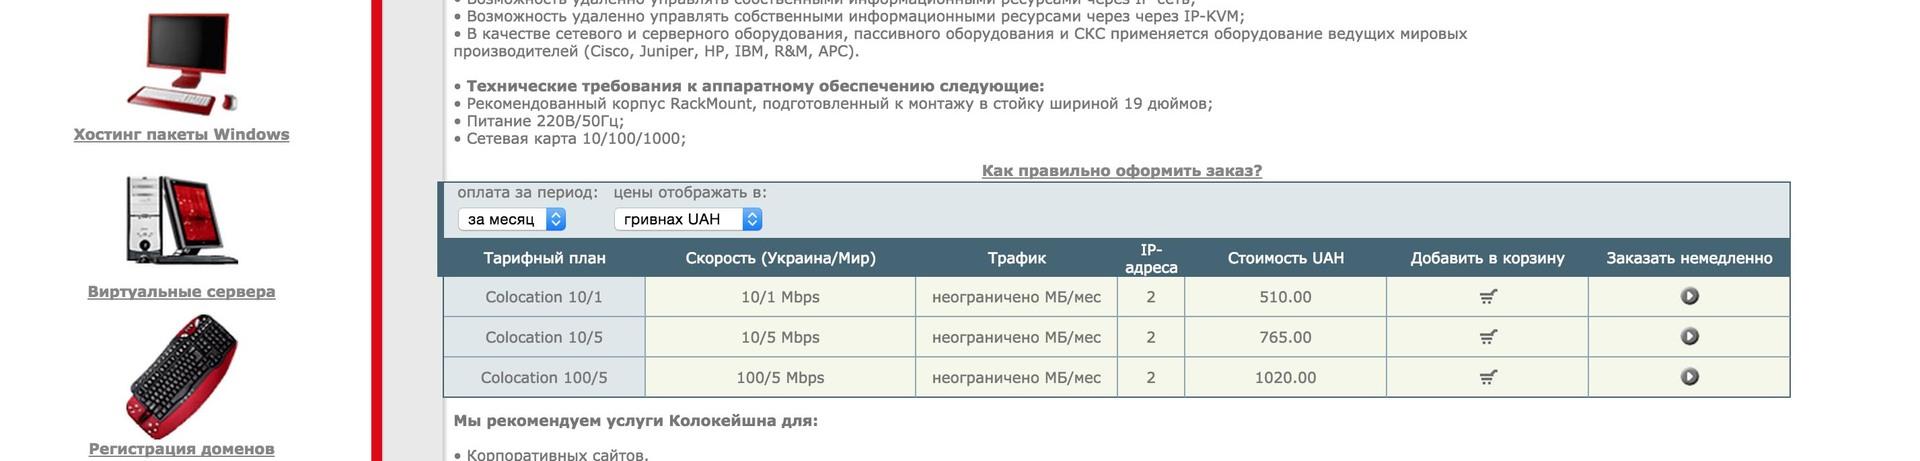 Как стать хостинг компанией кто создать сайт знакомства с доменом ru бесплатно и хостингом